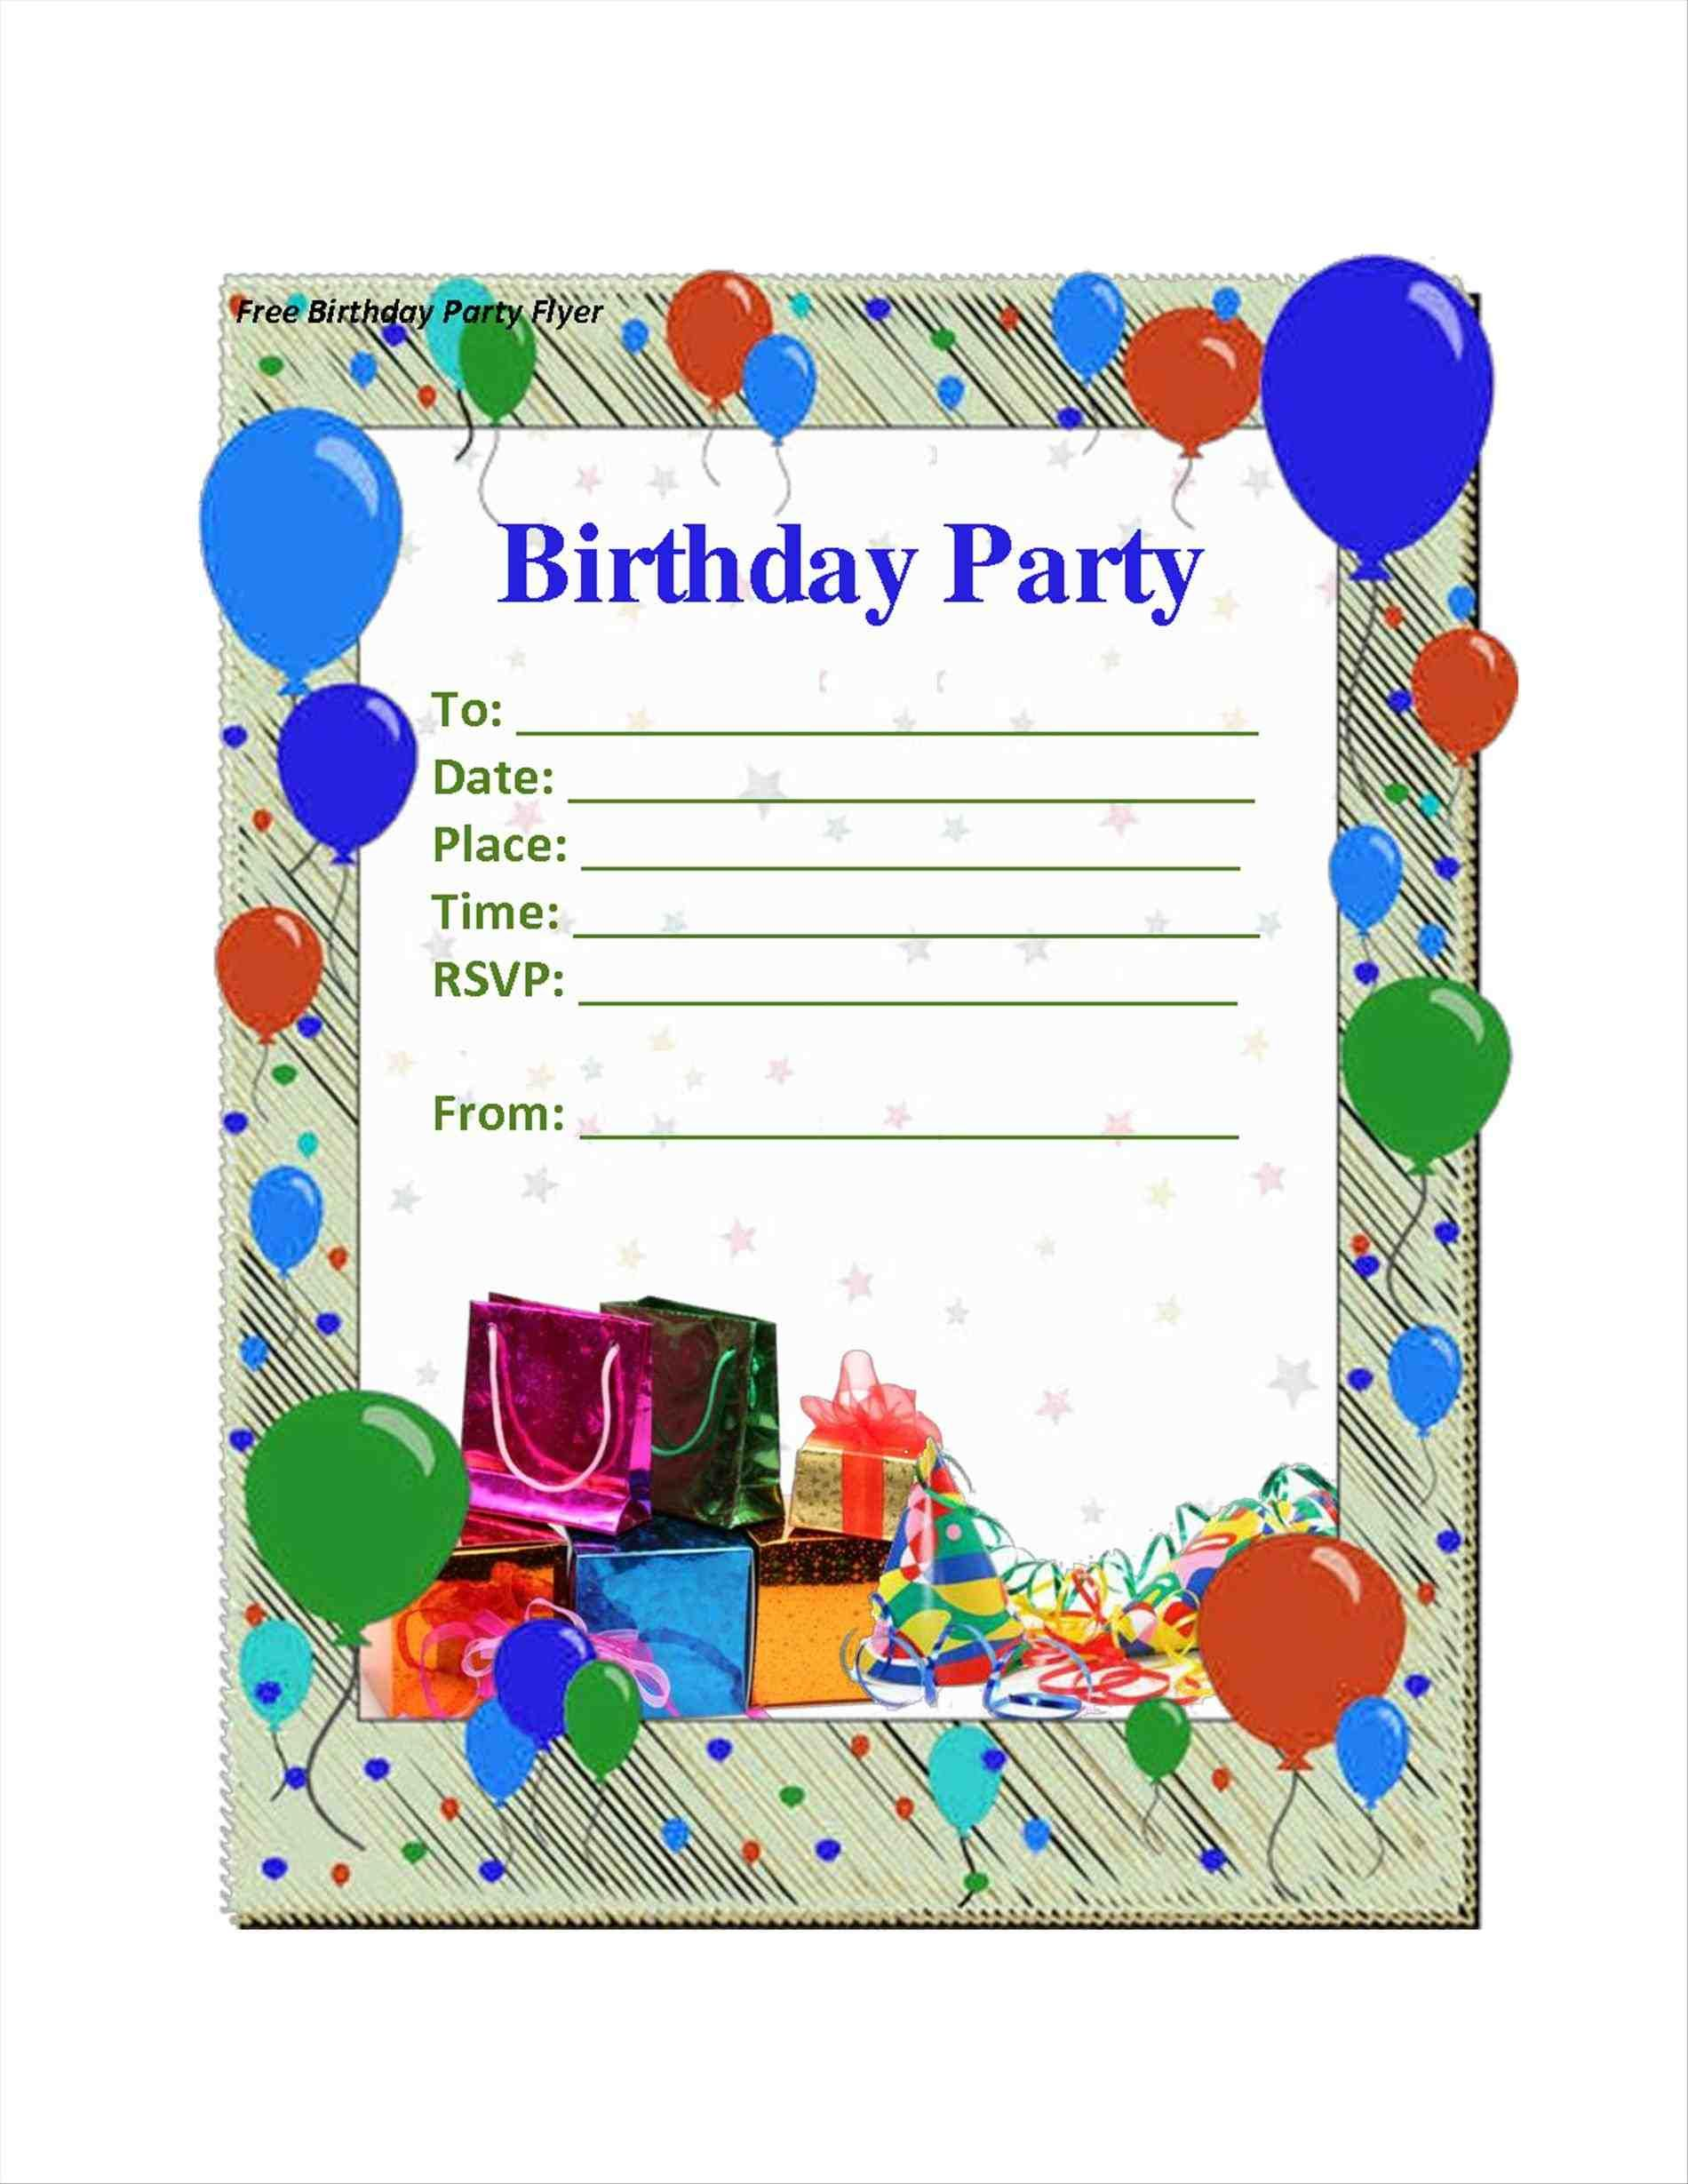 nerf war. nerf badges and glasses. nerf gun party invites!. full ...